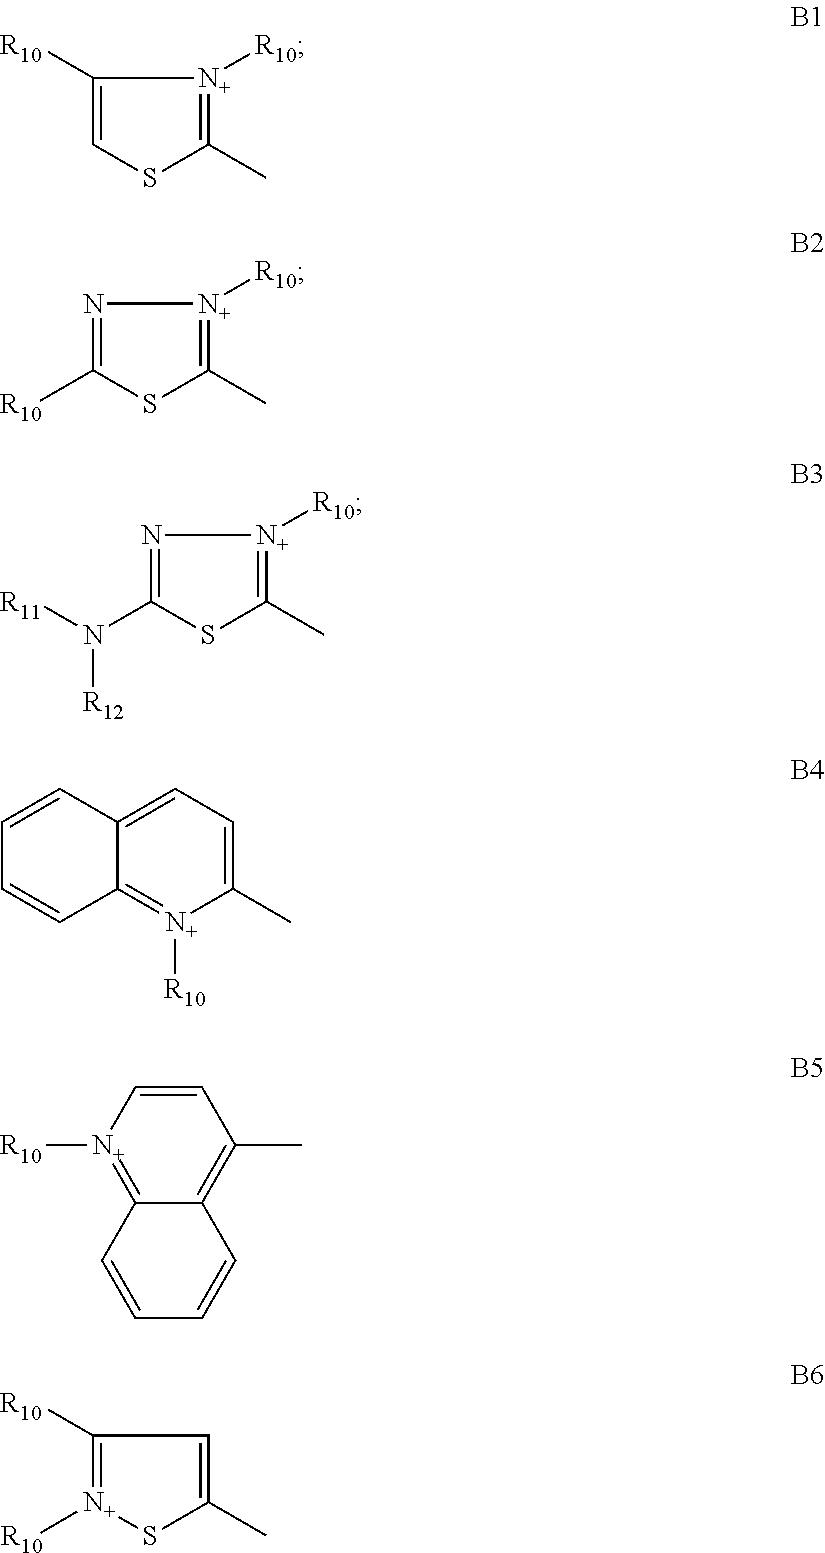 Figure US20110155167A1-20110630-C00009